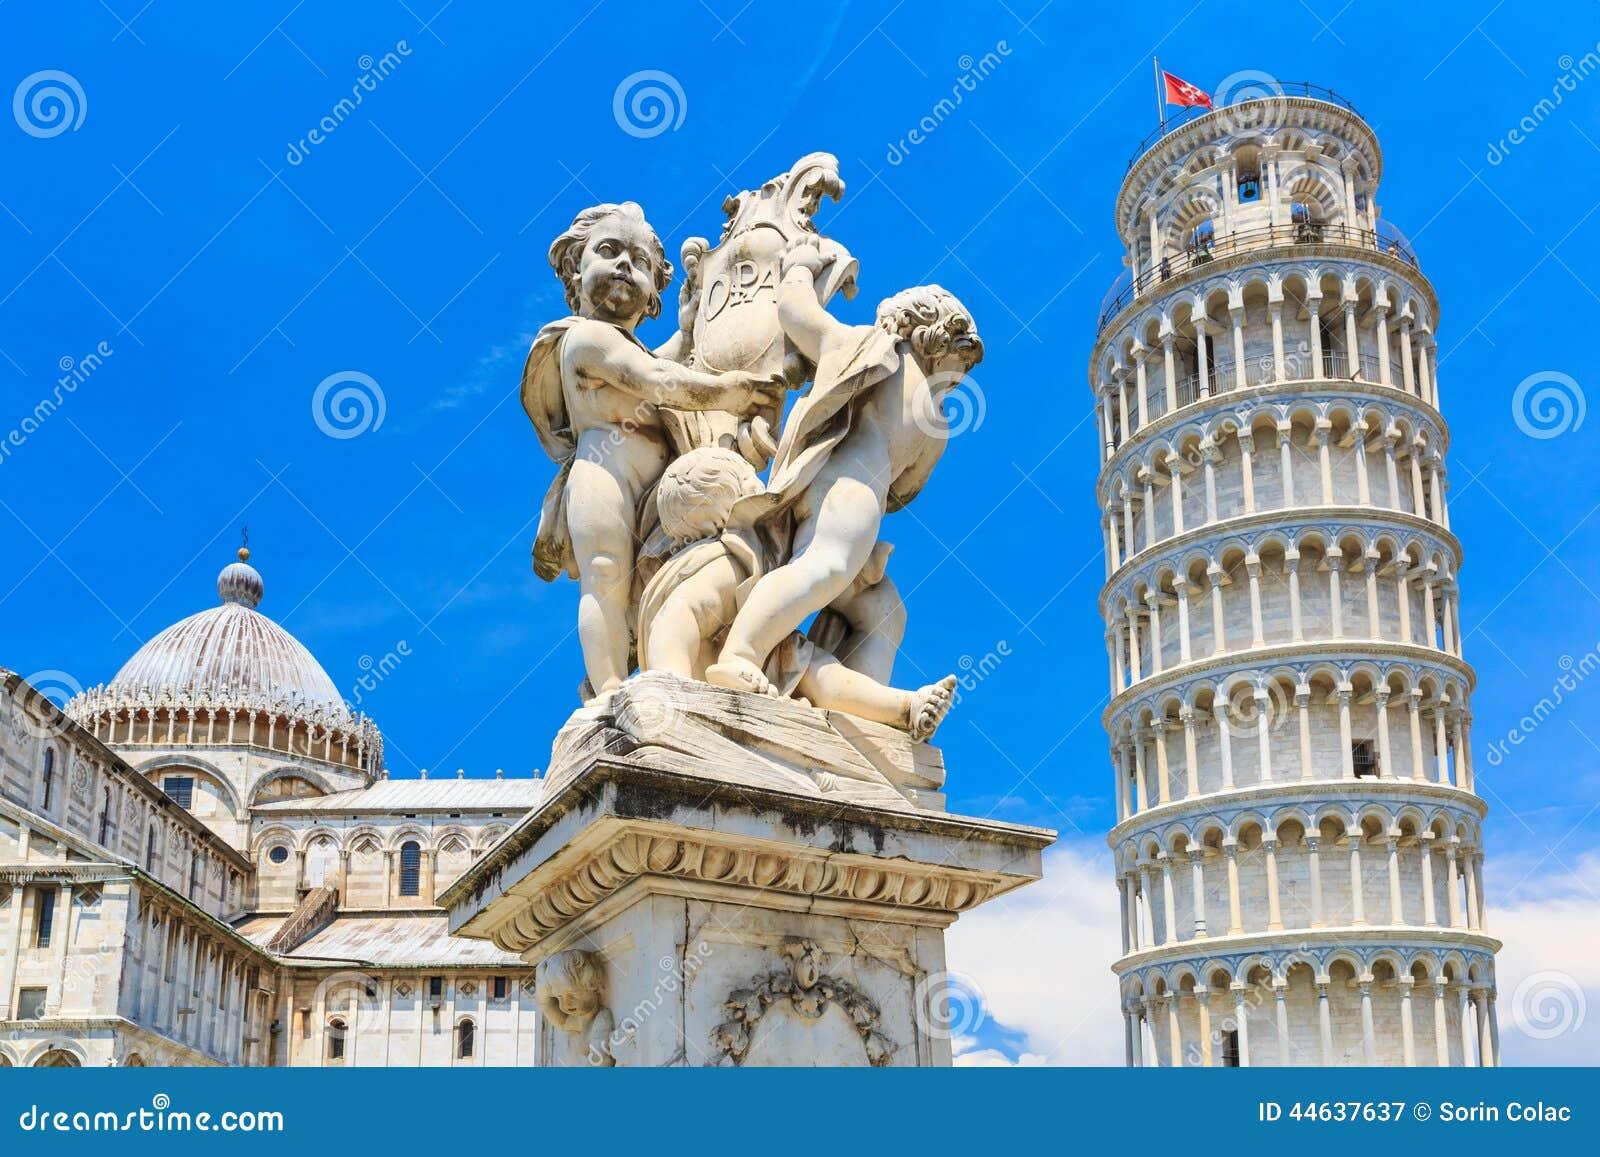 Italy pisa